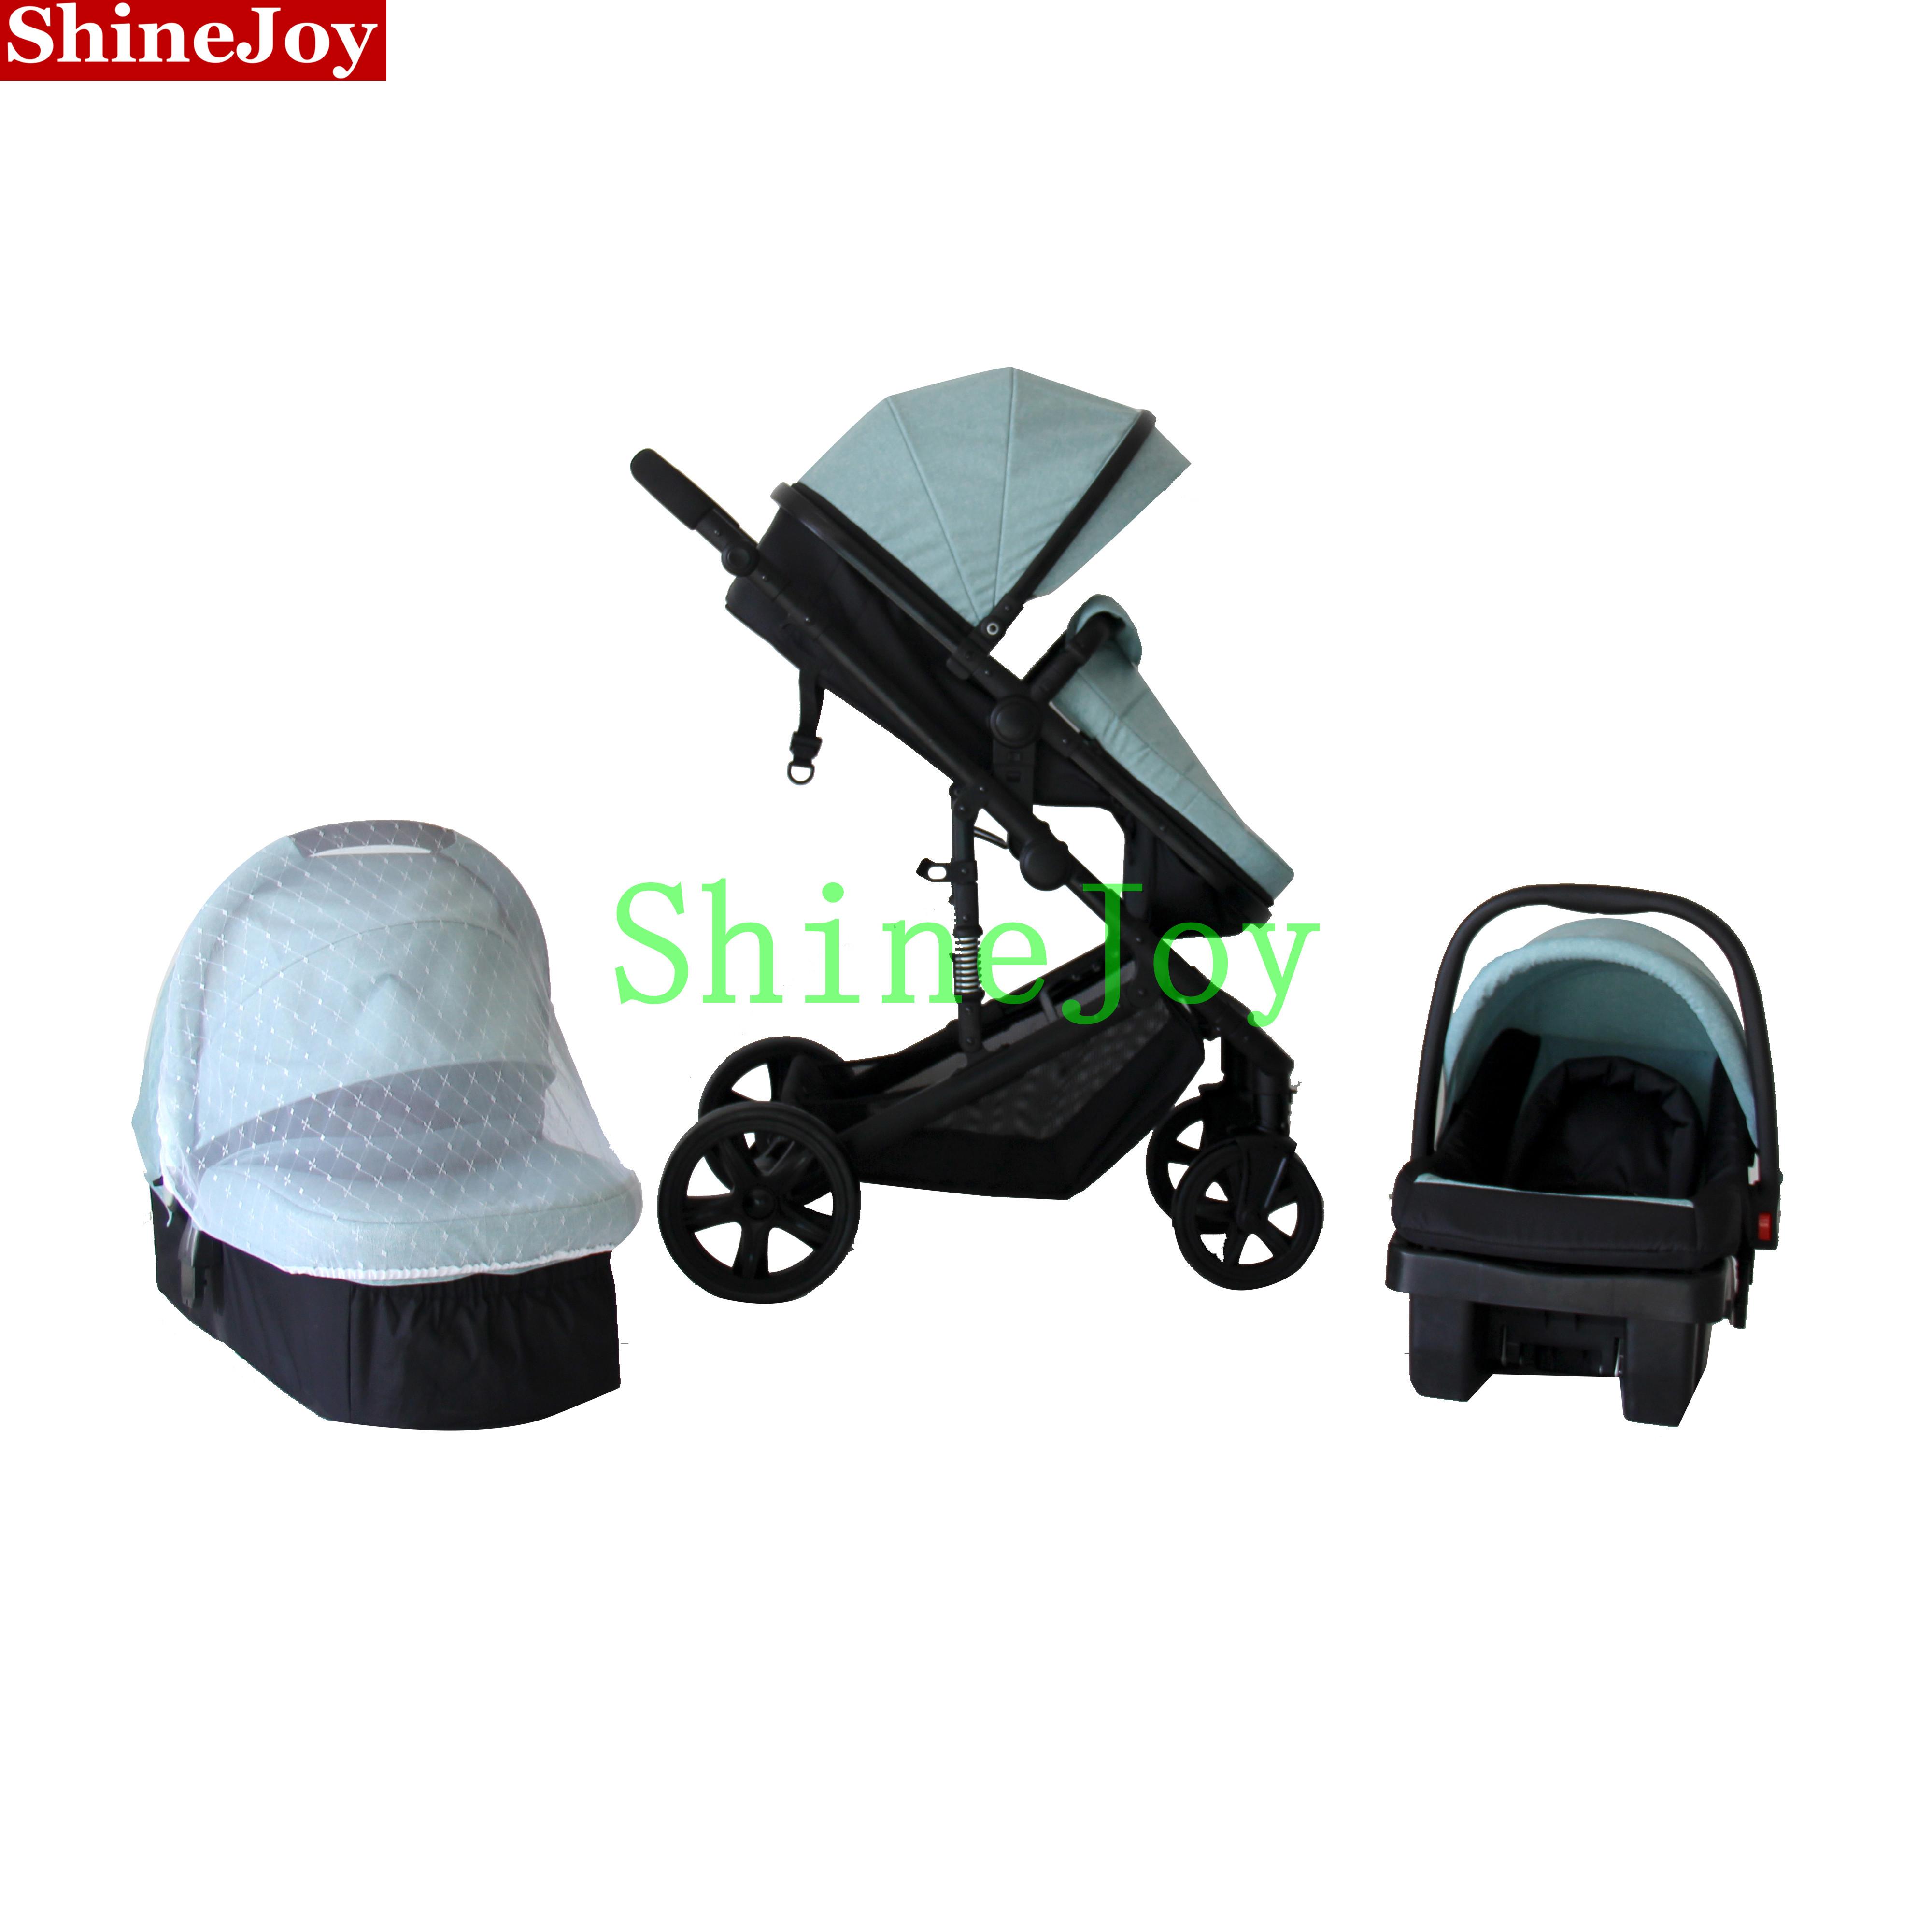 Hohe Qualität Günstige 4 in 1 city select kinderwagen baby jogger Stubenwagen Pram Kinderwagen Mit Auto Sitz